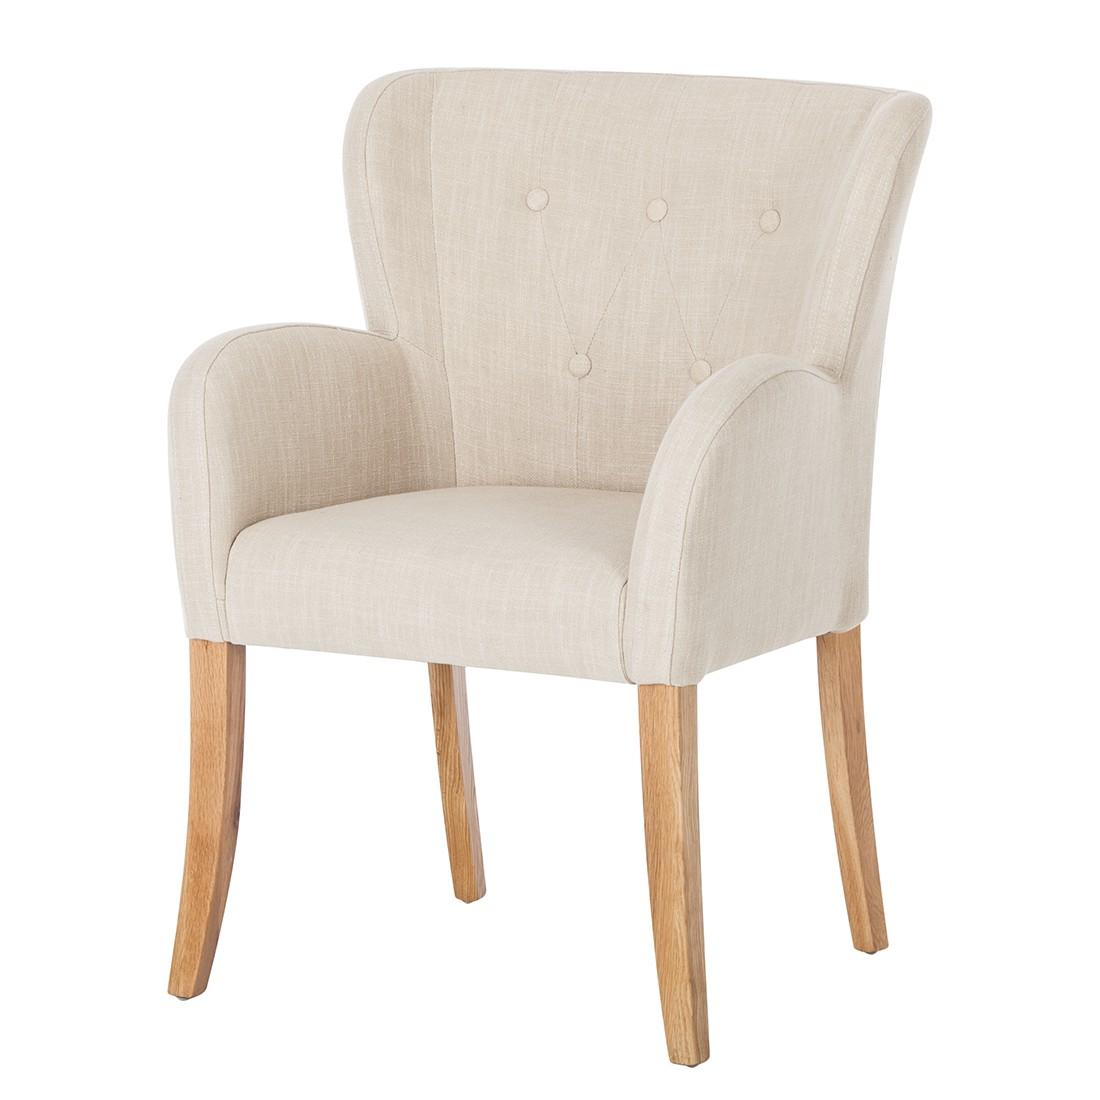 armlehnstuhl bakersfield webstoff beige ebay. Black Bedroom Furniture Sets. Home Design Ideas